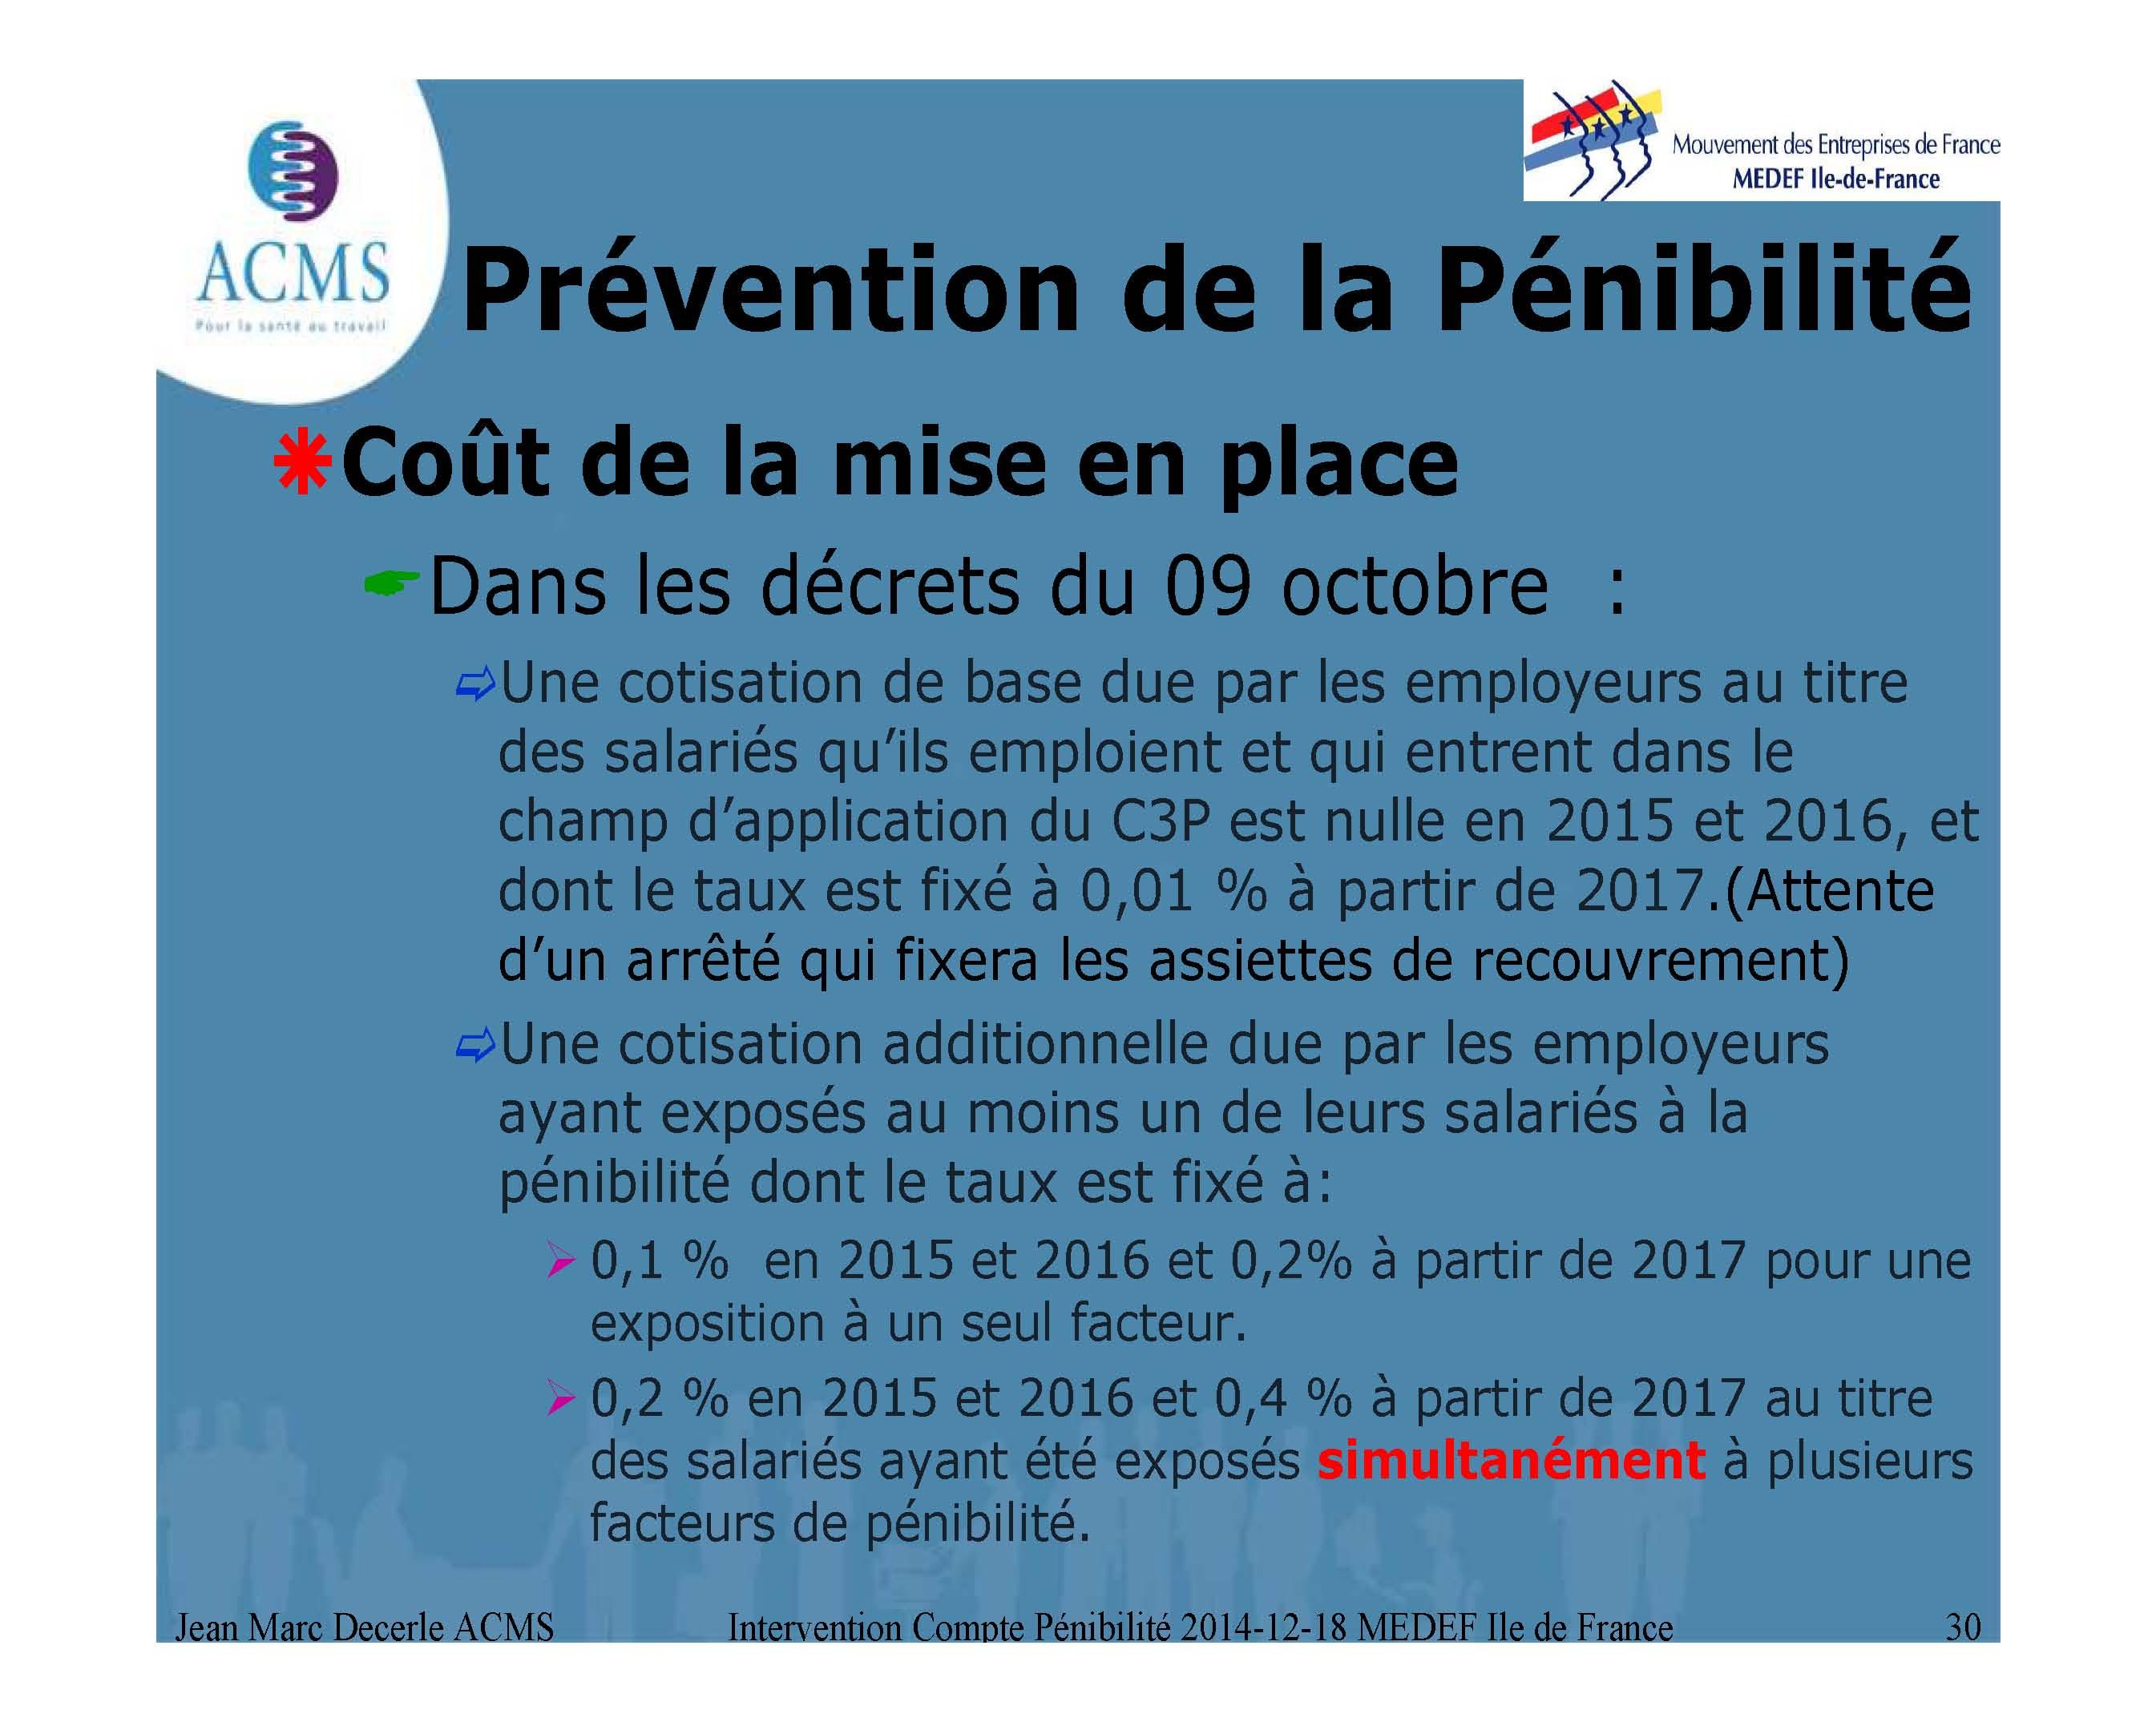 2014-12-18 Compte Pénibilite MEDEF Ile de France_Page_30